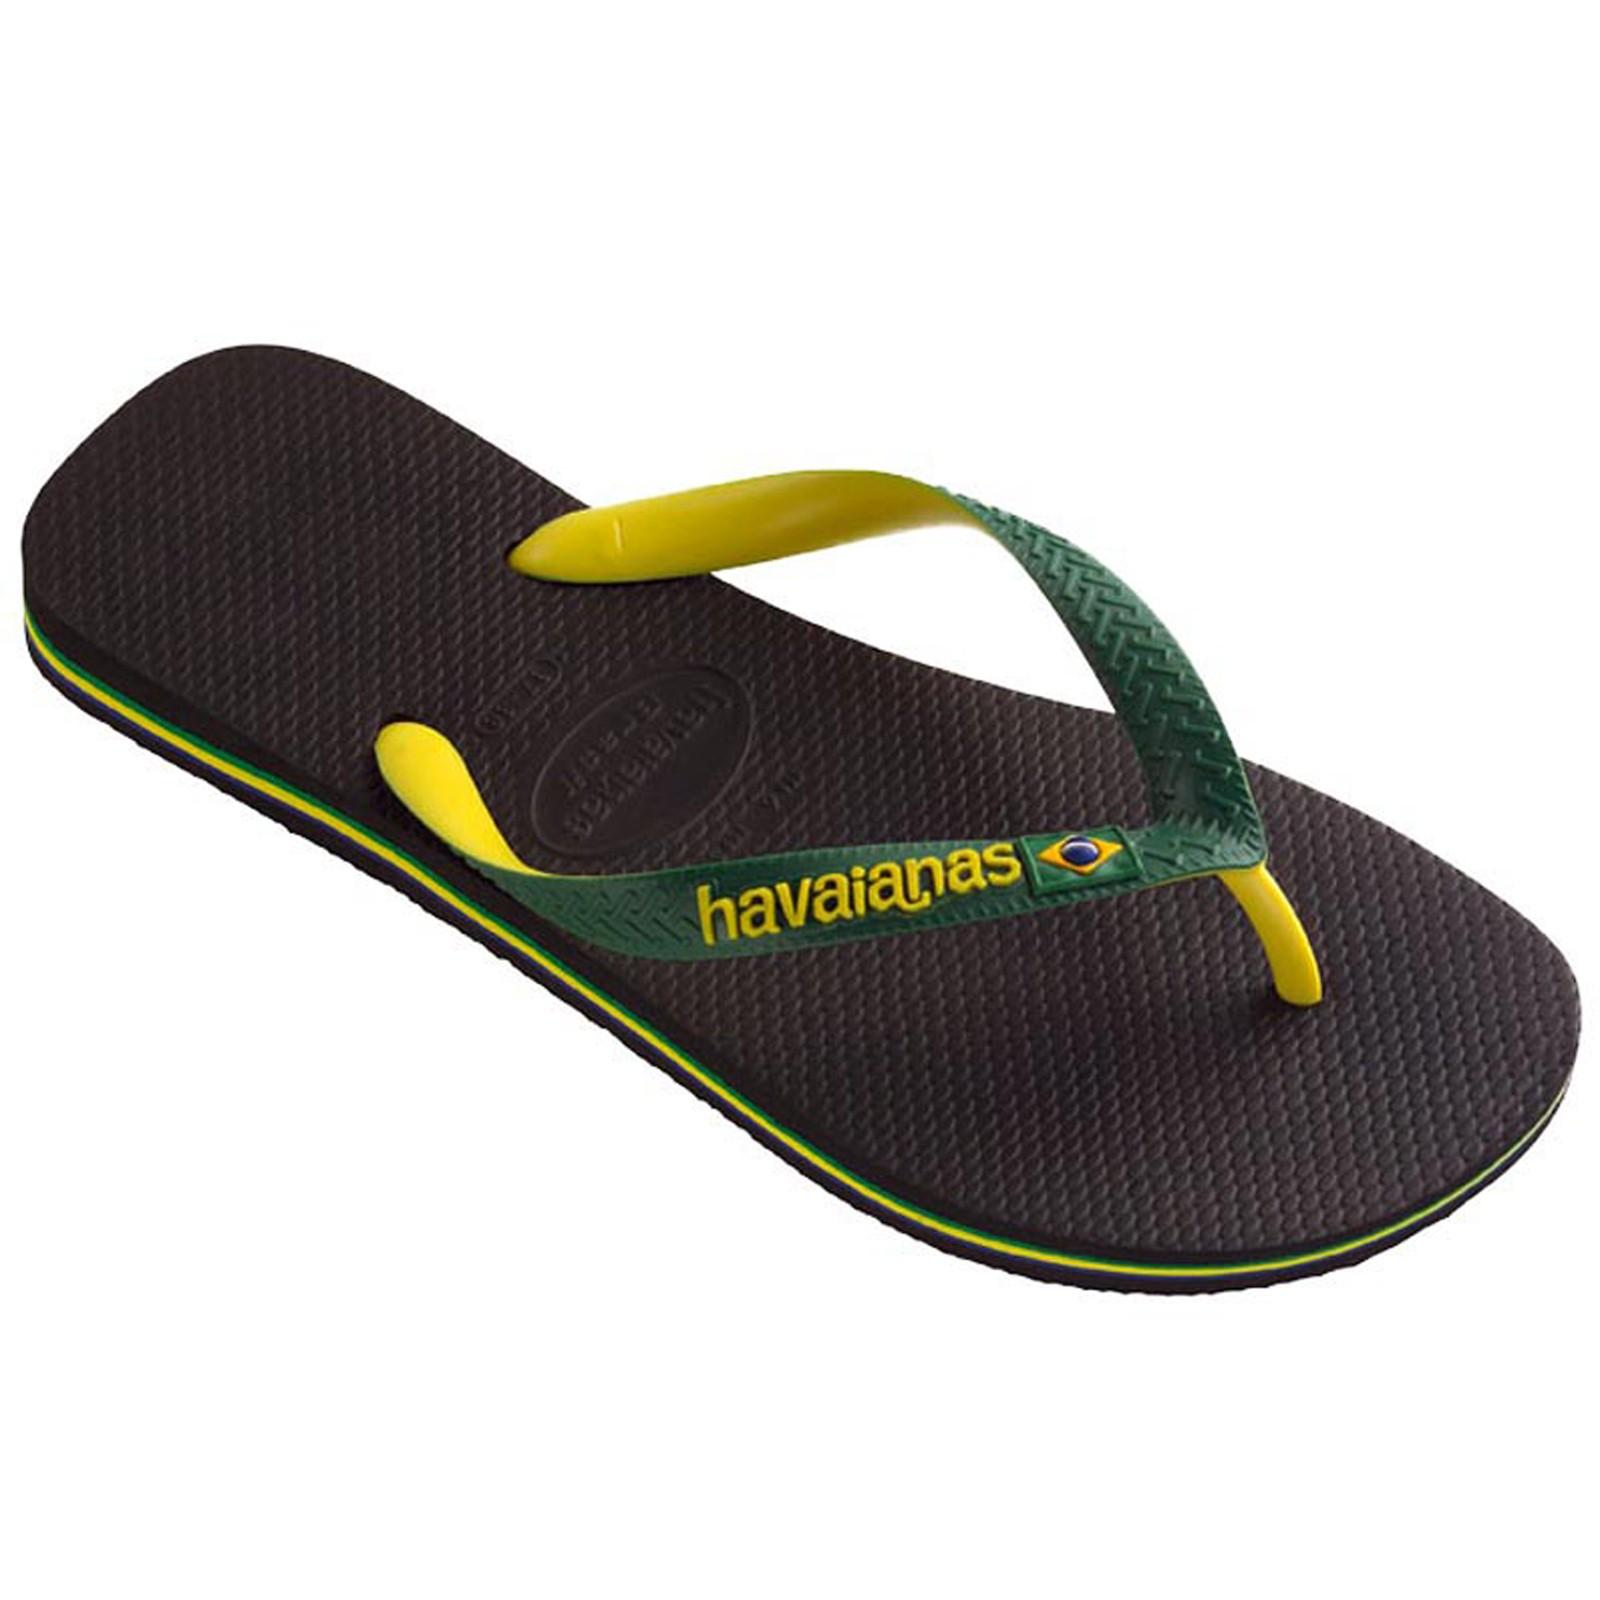 a7a203508 Flip-Flops Flip-flops - Brasil Mix Black - Brand Havaianas